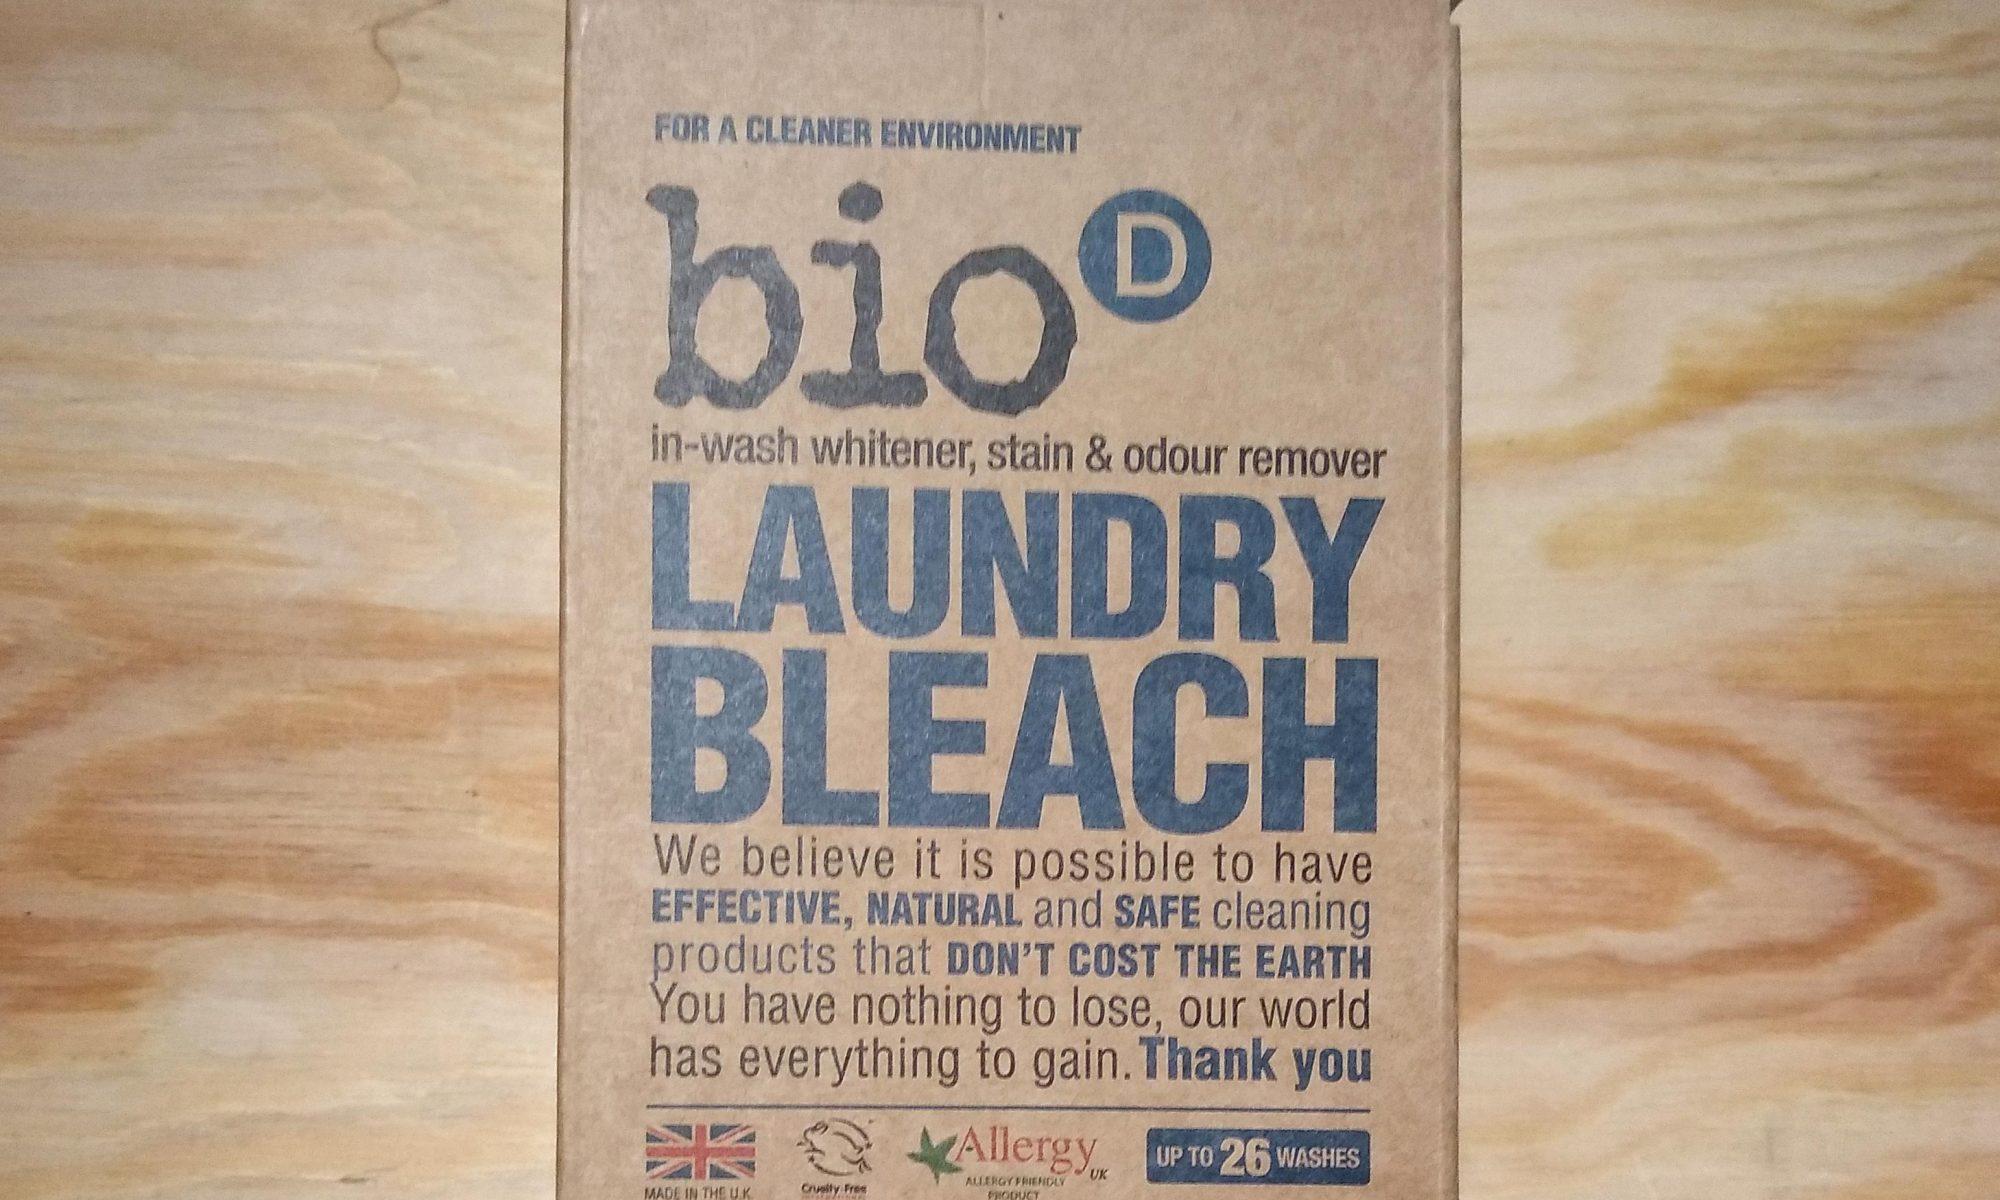 bio d laundry bleach